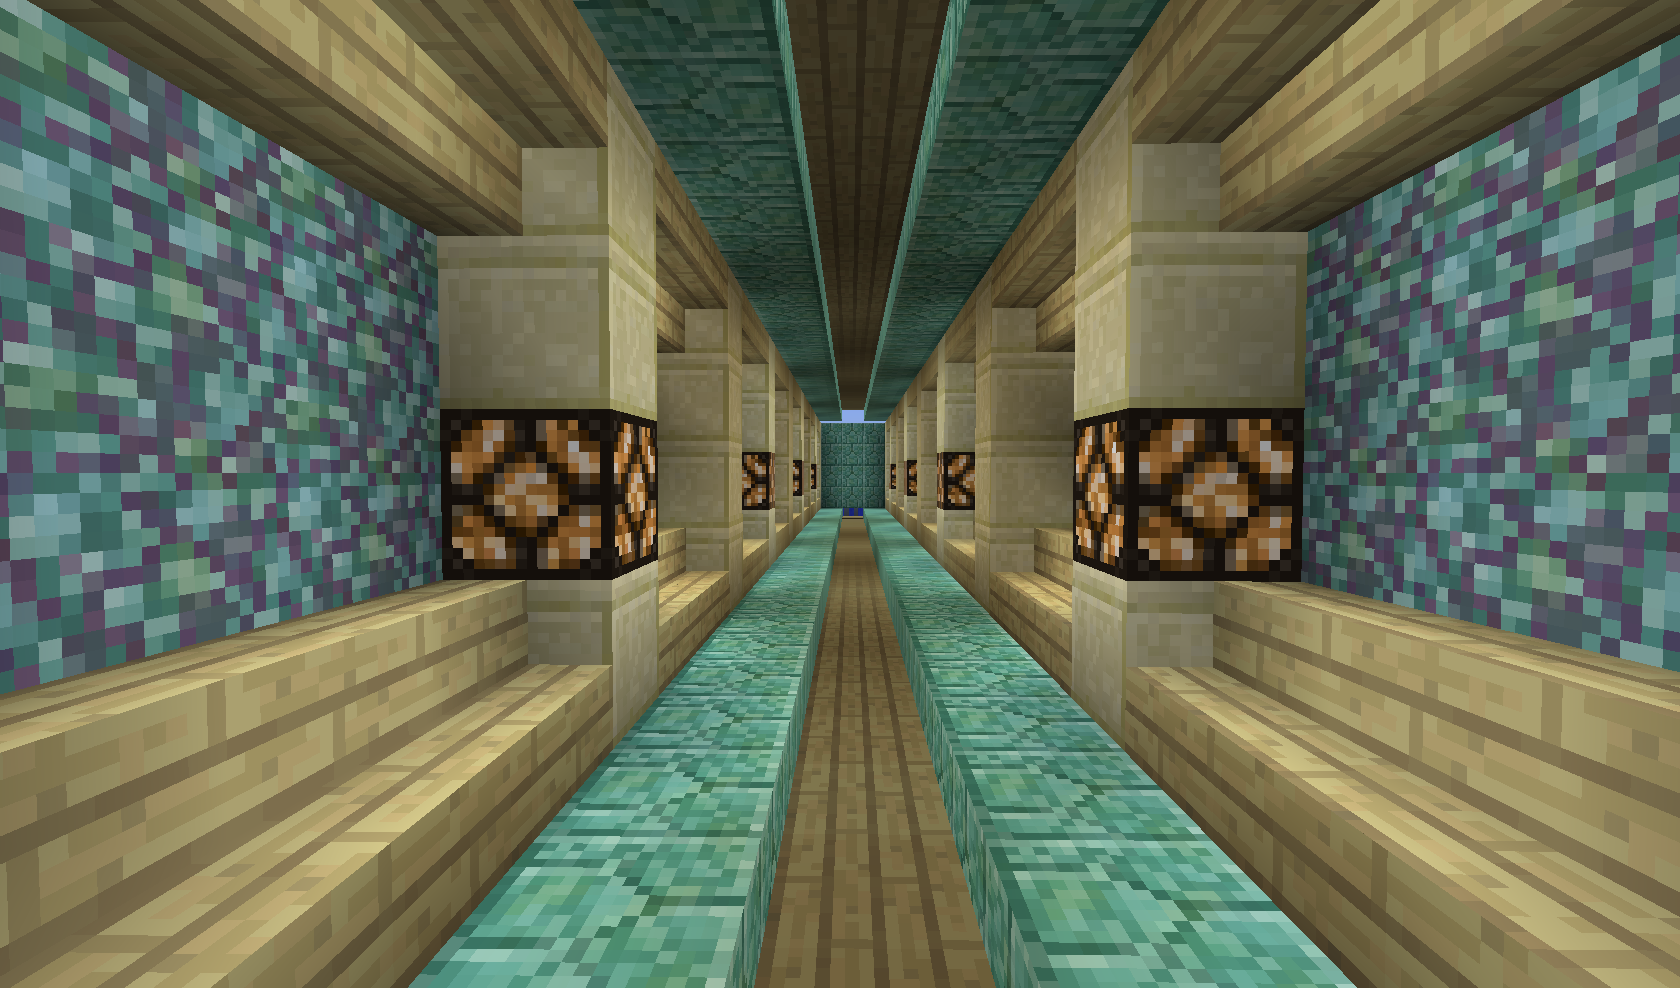 Birch Sandstone And Prismarine Blocks Look Pretty Together Minecraft Architecture Minecraft Houses Minecraft Plans